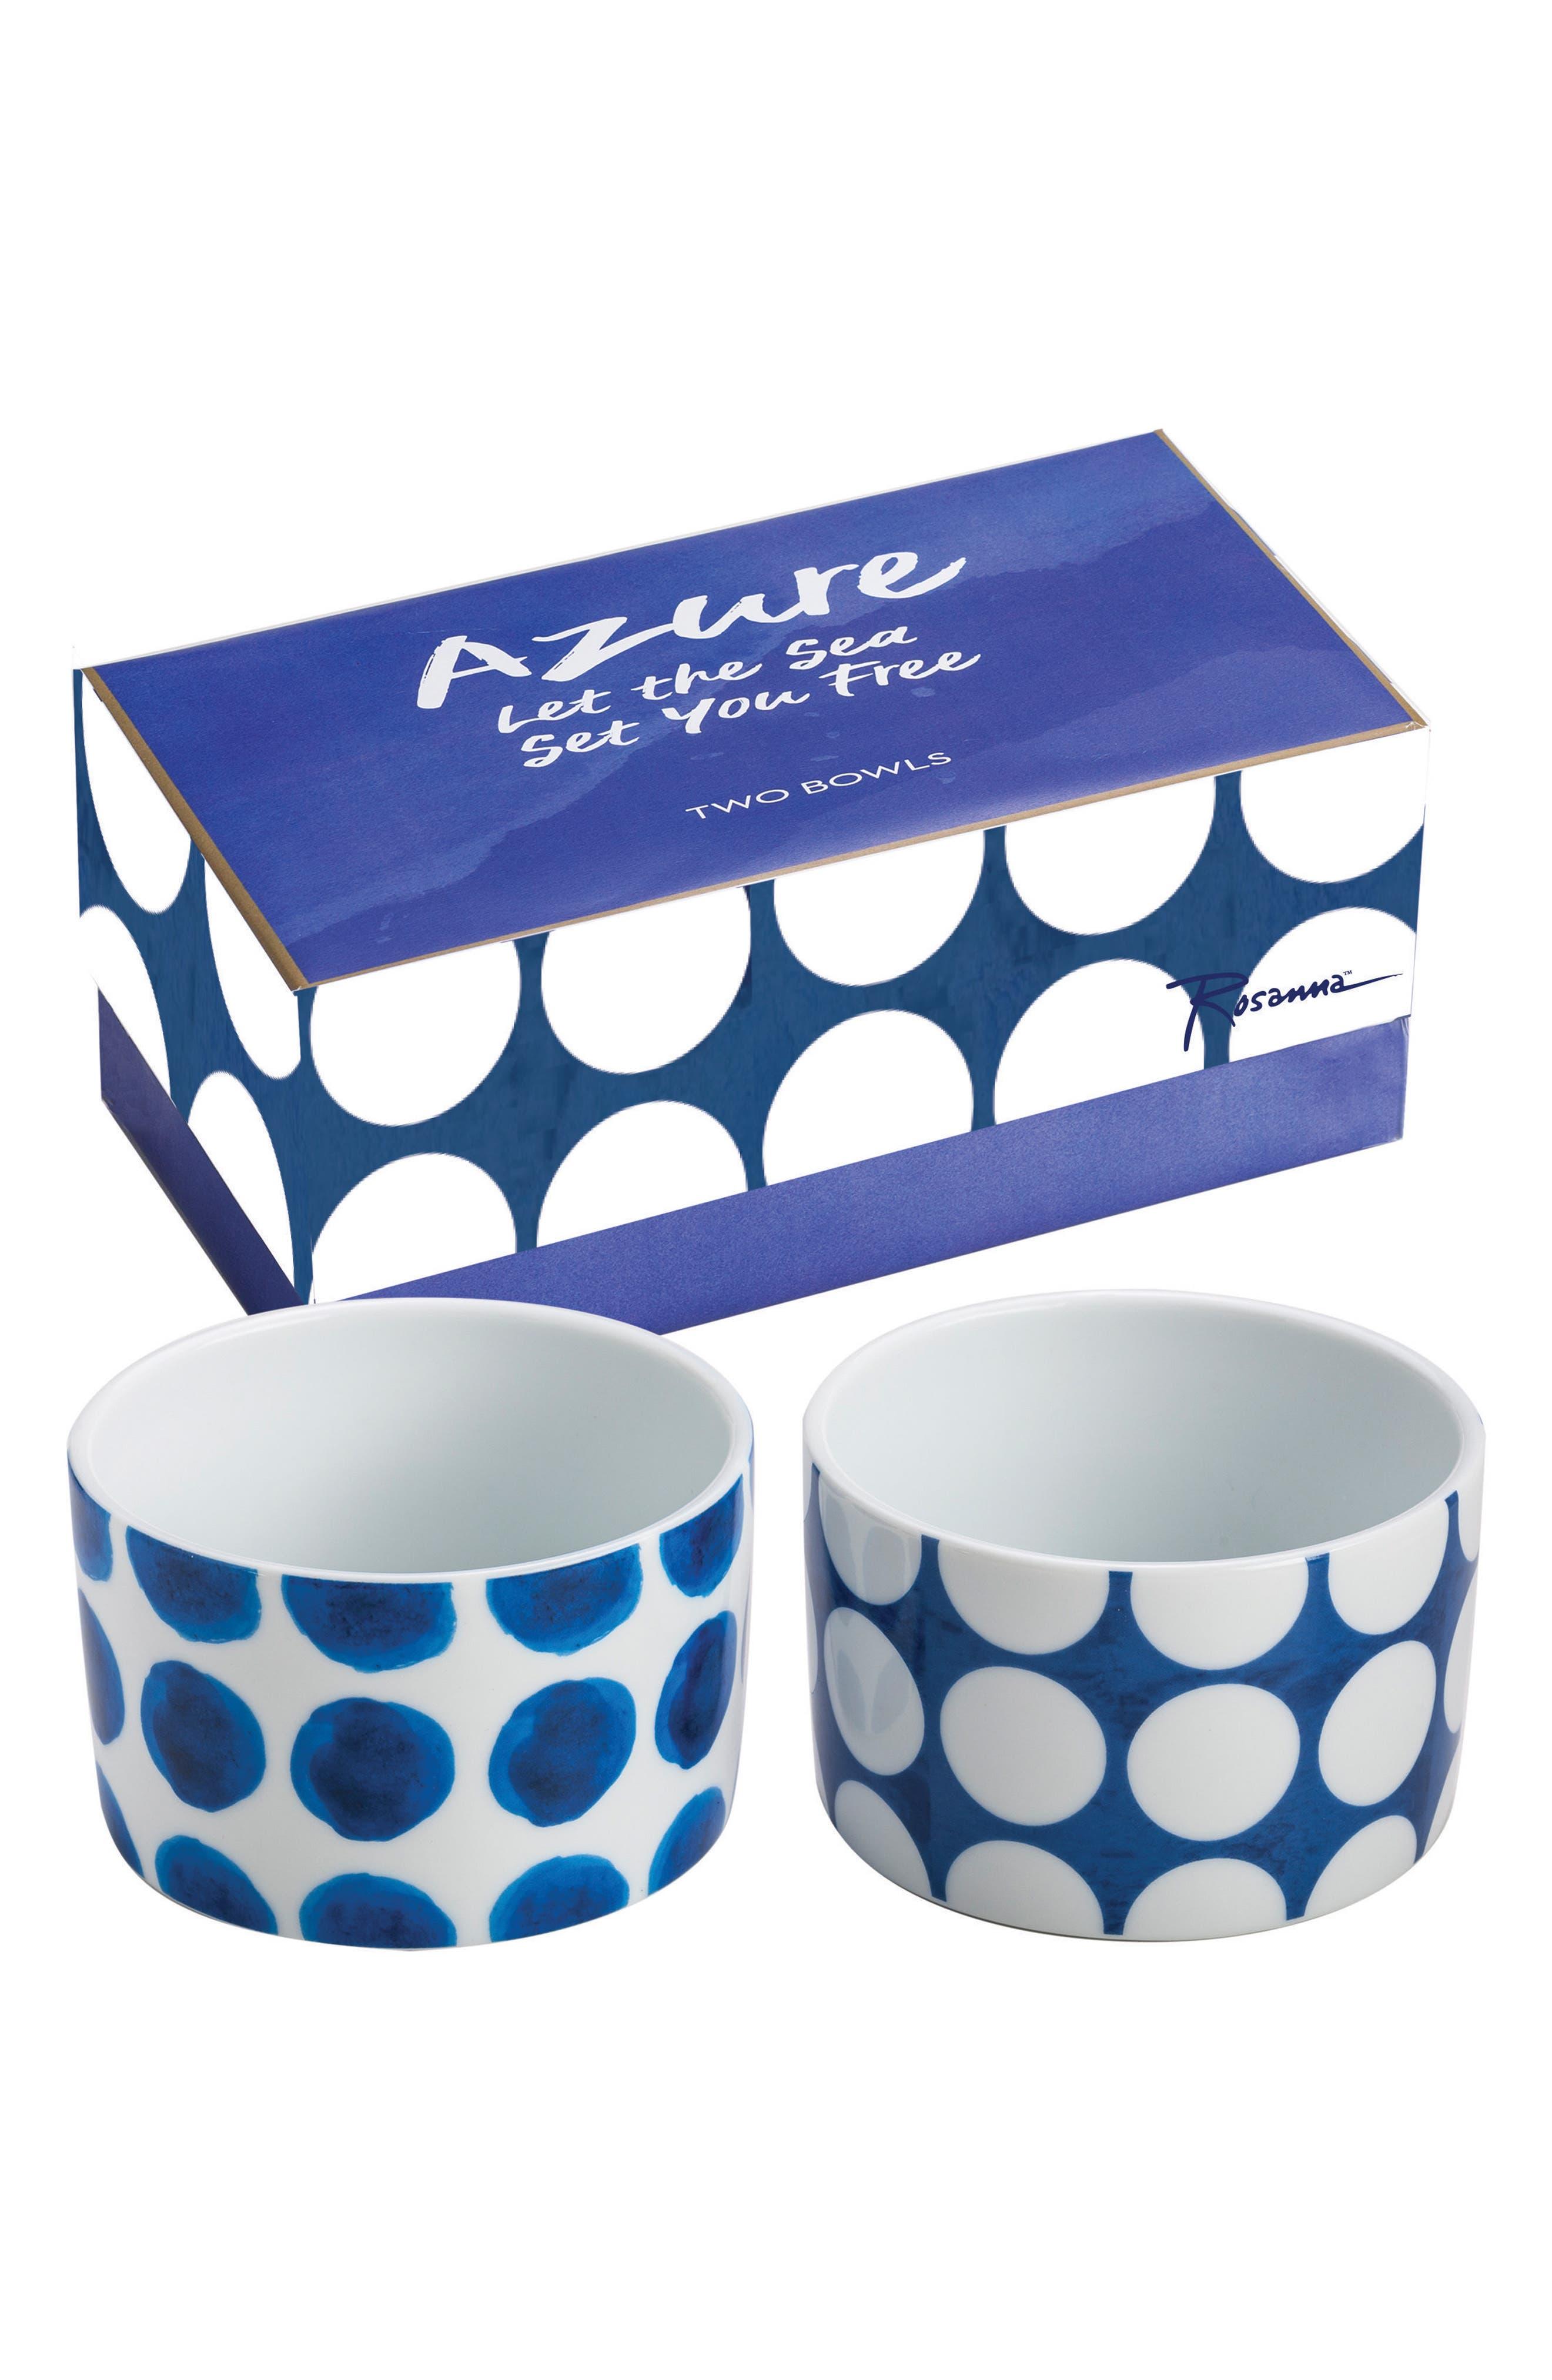 Polka Dot Set of 2 Bowls,                         Main,                         color, 400